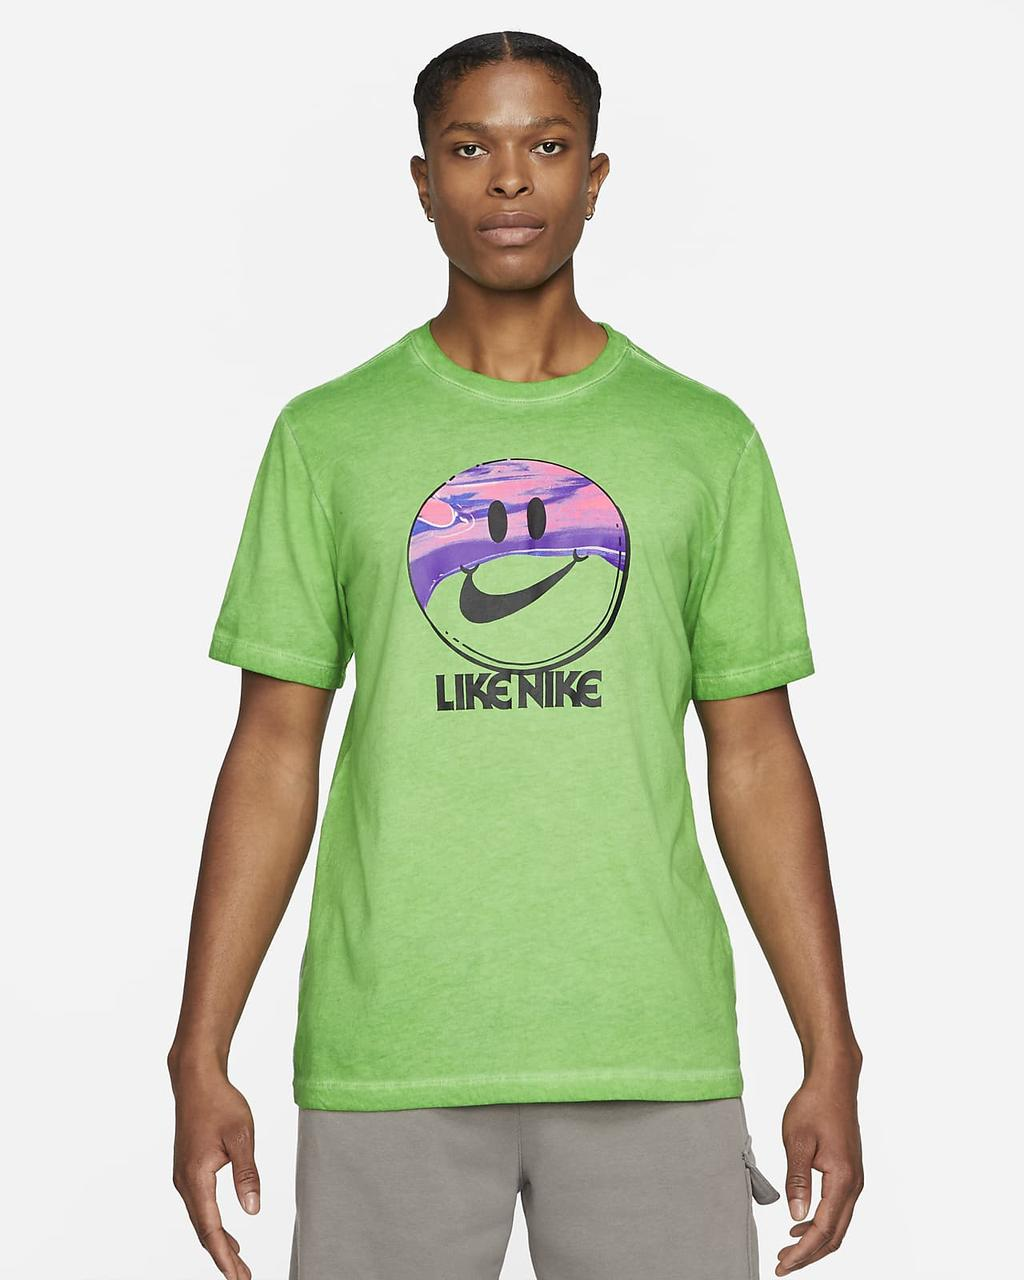 Футболка чоловіча Nike Sportswear T-Shirt DB6190-304